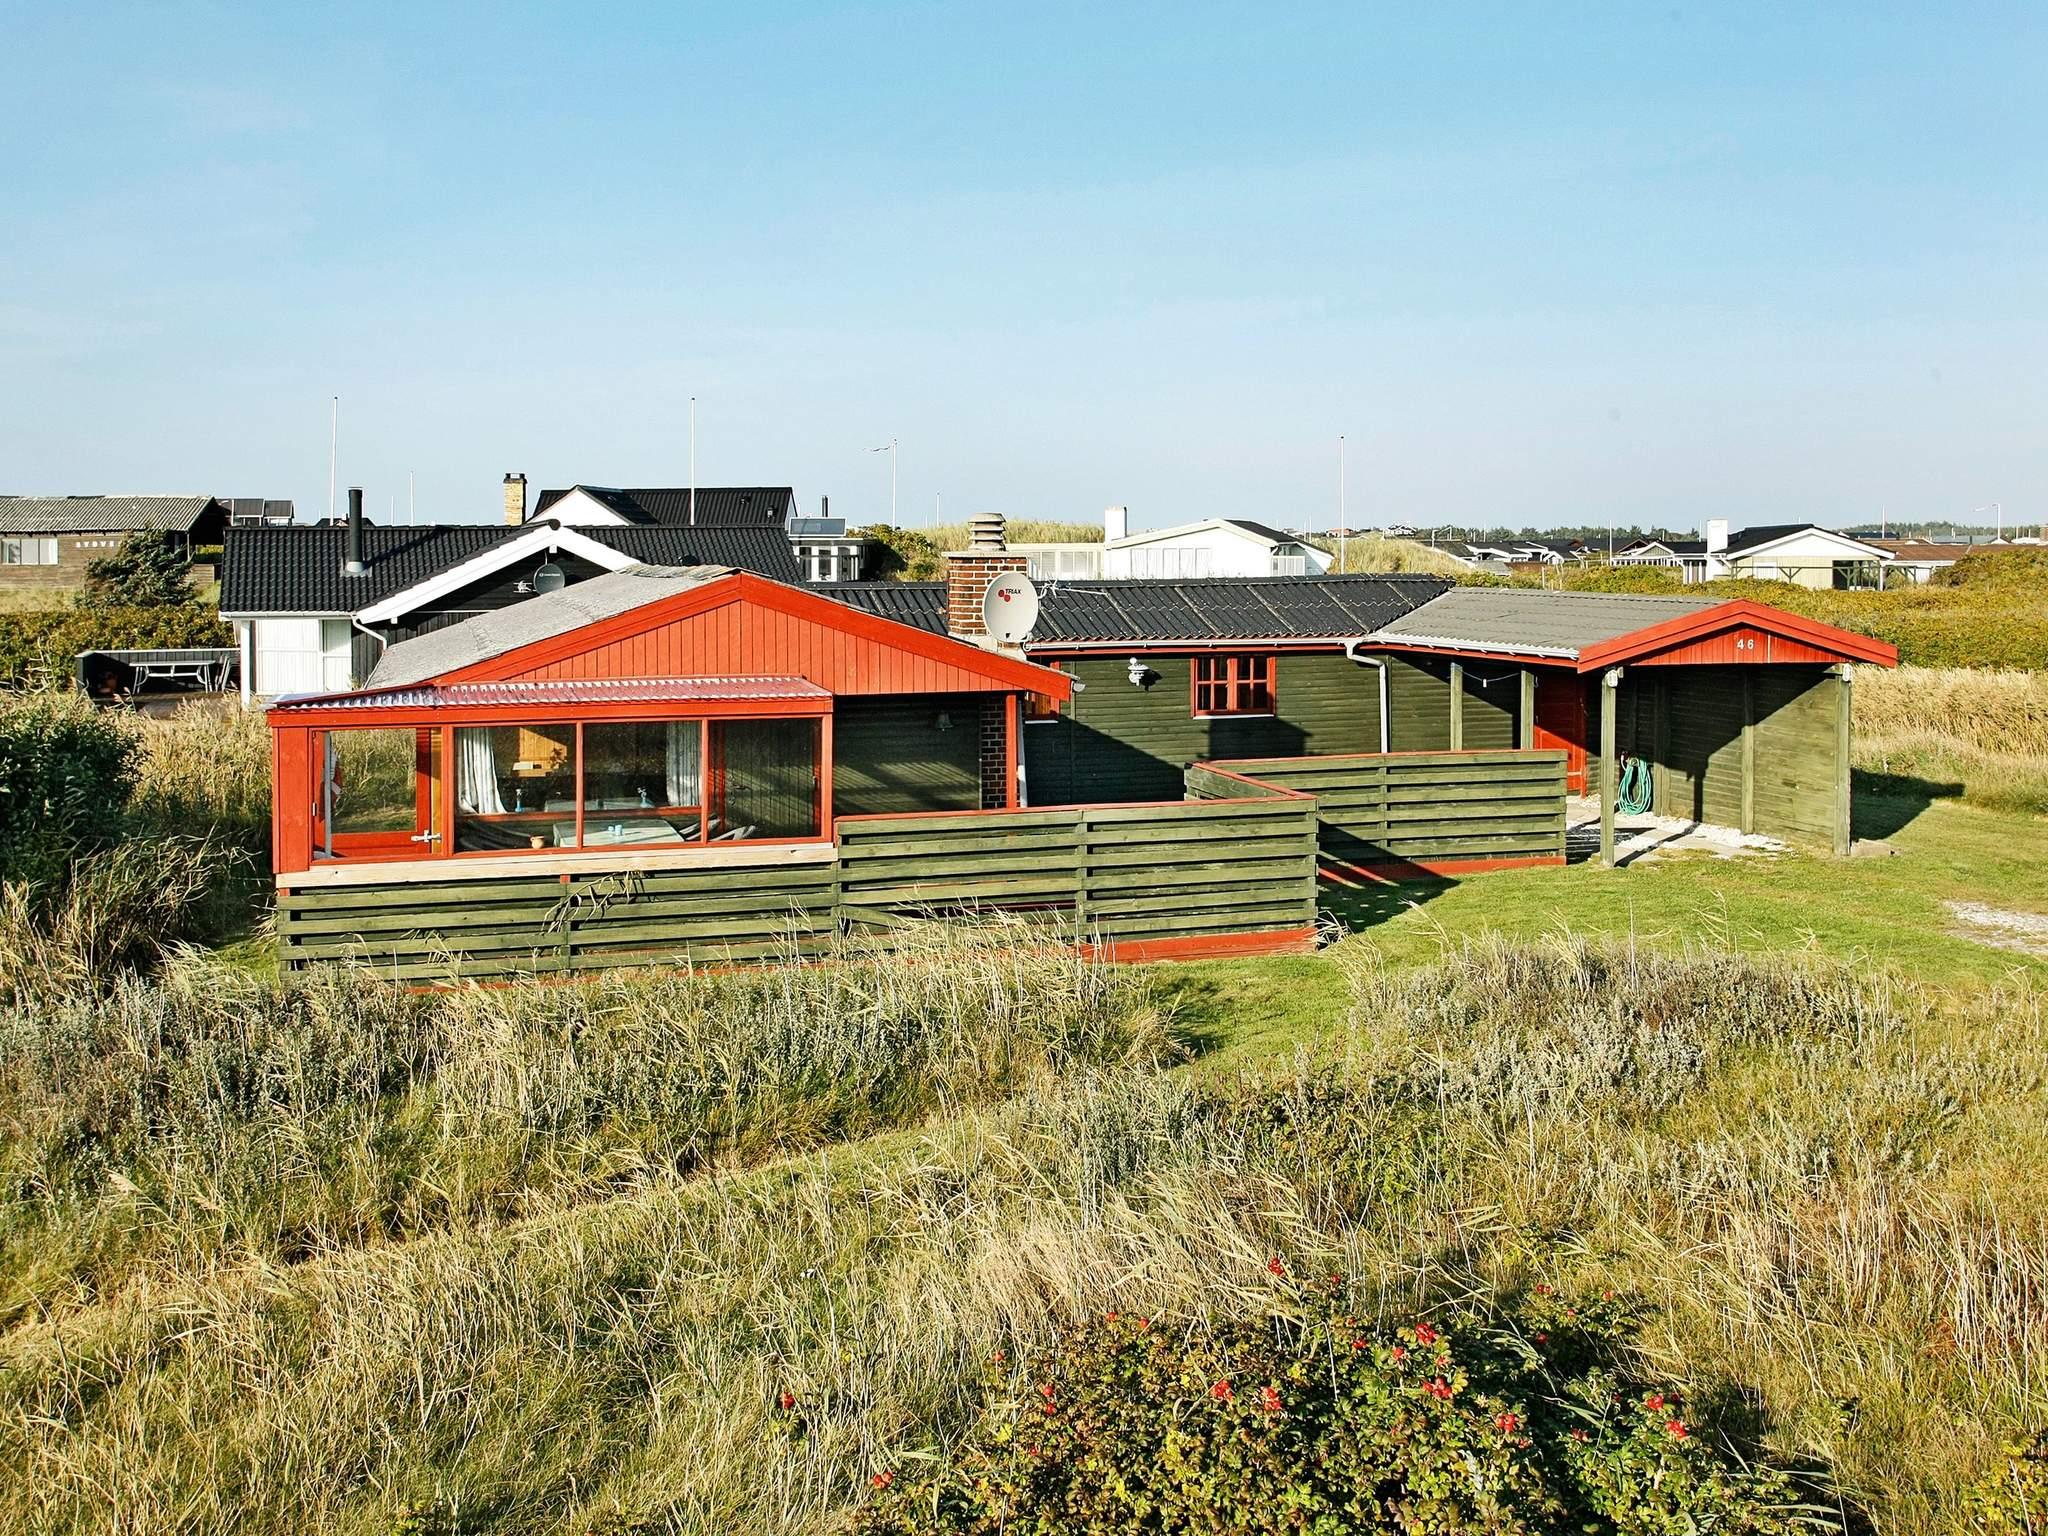 Ferienhaus Løkken (89173), Løkken, , Nordwestjütland, Dänemark, Bild 1